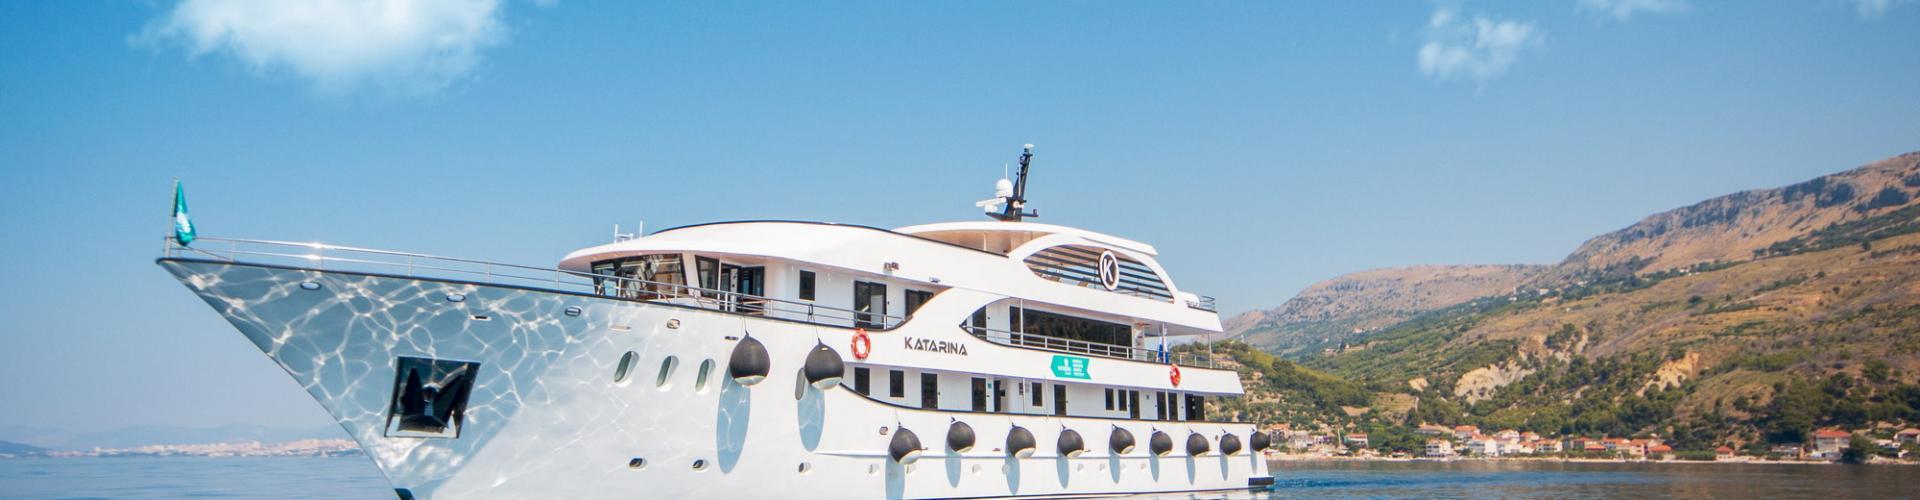 Motoryacht Deluxe Kreuzfahrtschiff MV Katarina